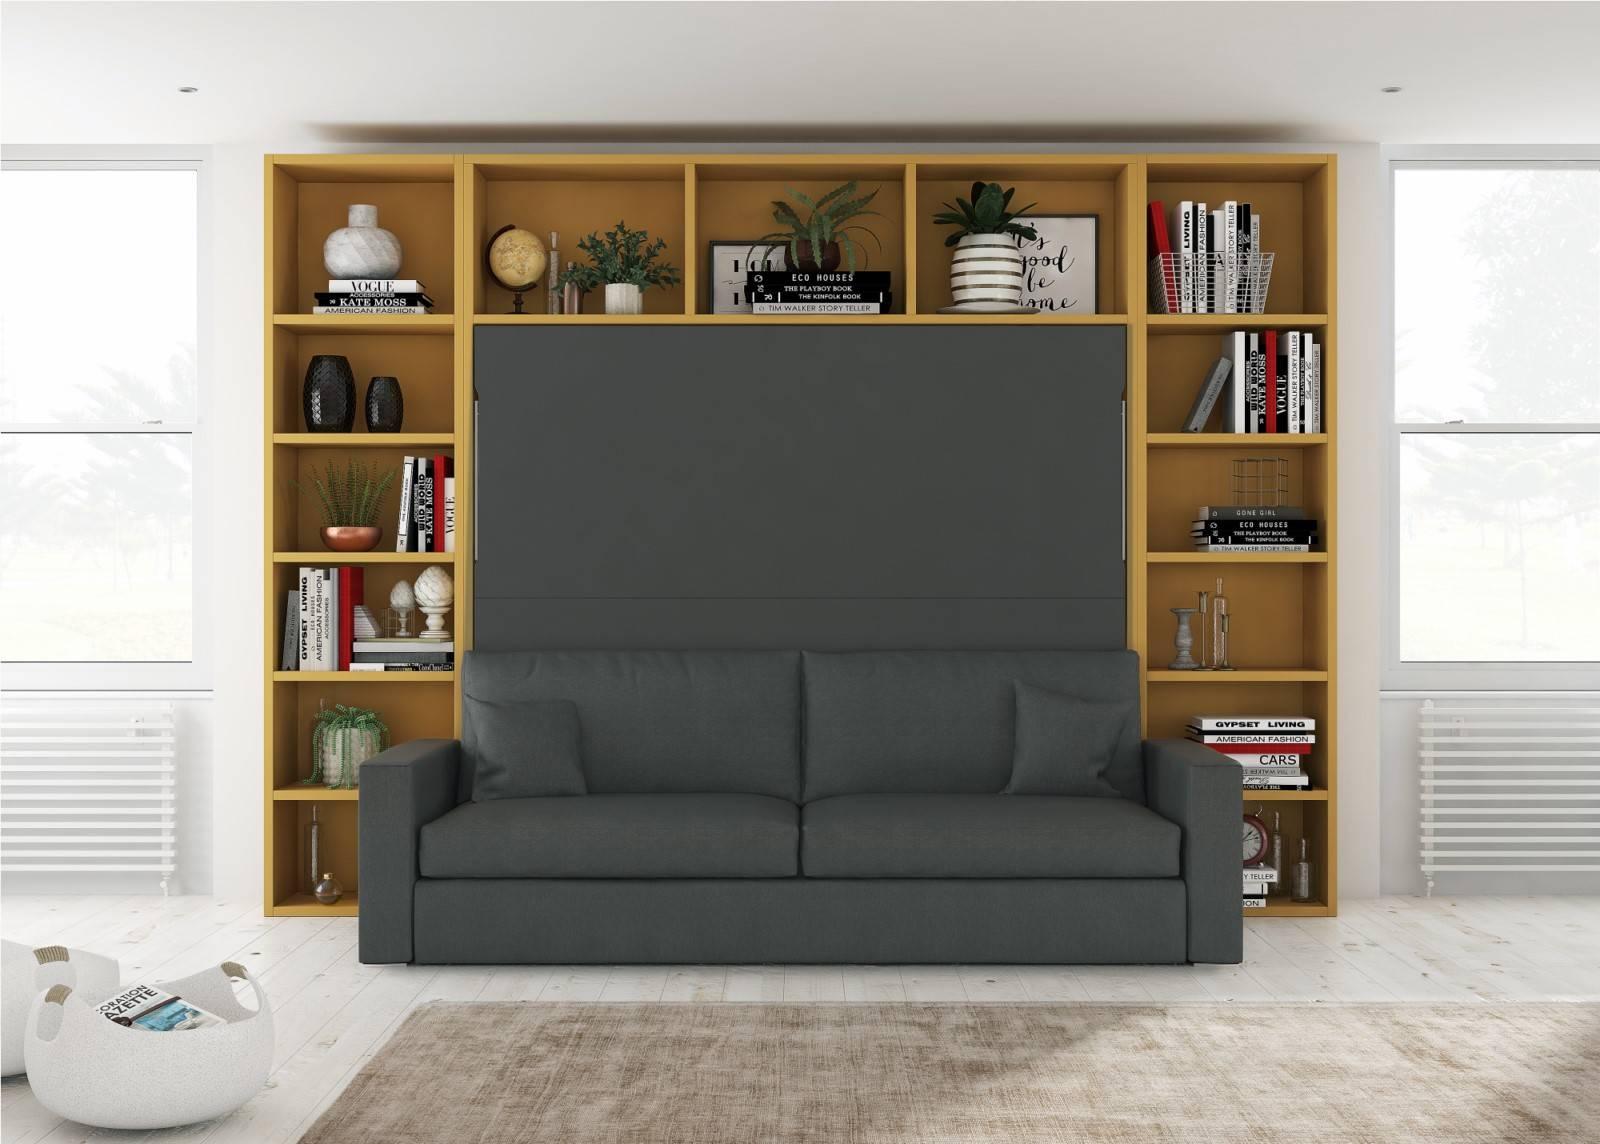 Gain De Place Meuble lit escamotable horizontal avec canapÉ intégré modèle